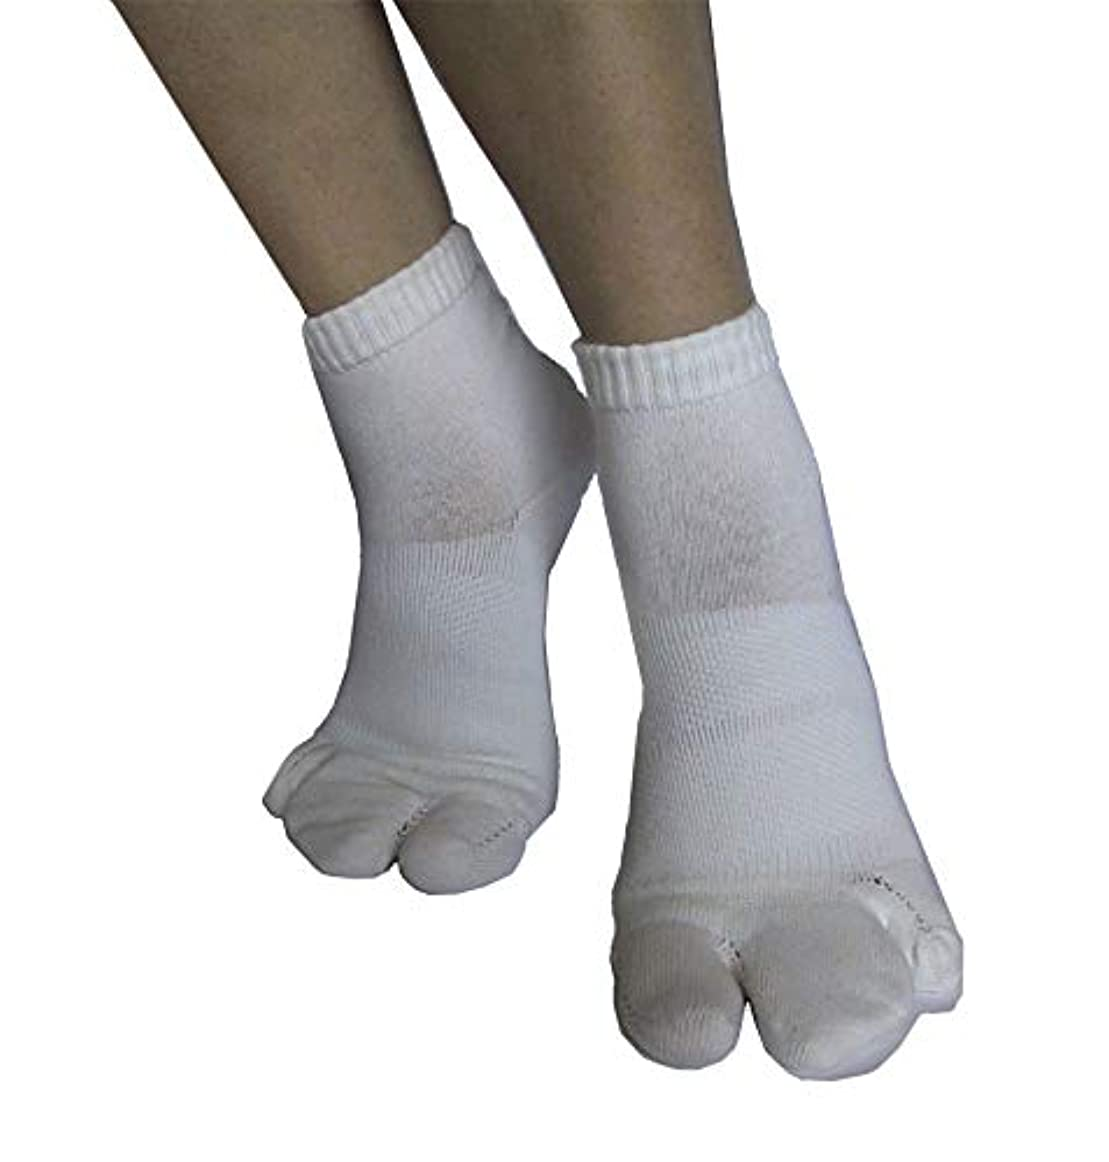 リゾート絶滅したサラダカサハラ式サポーター ホソックス3本指テーピング靴下 ホワイトM 23.5-24.5cm